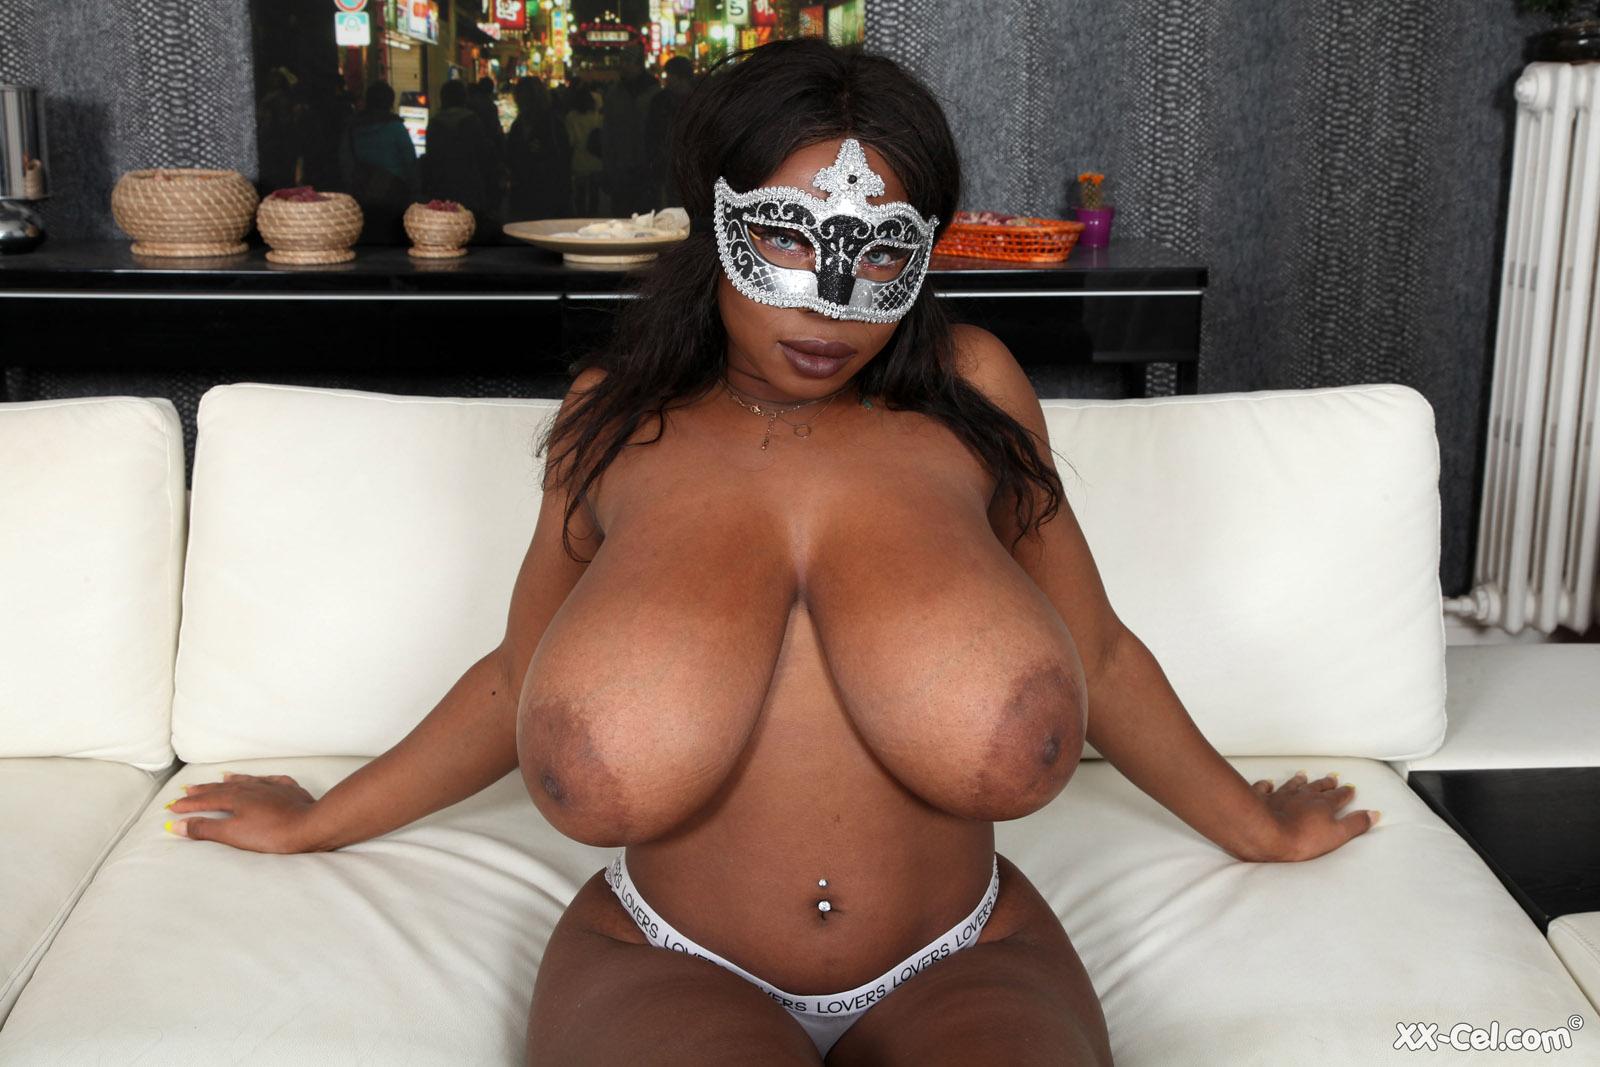 https://cdn.curvyerotic.com/wp-content/uploads/2020/03/kylie-masquerade-xx-cel-8.jpg